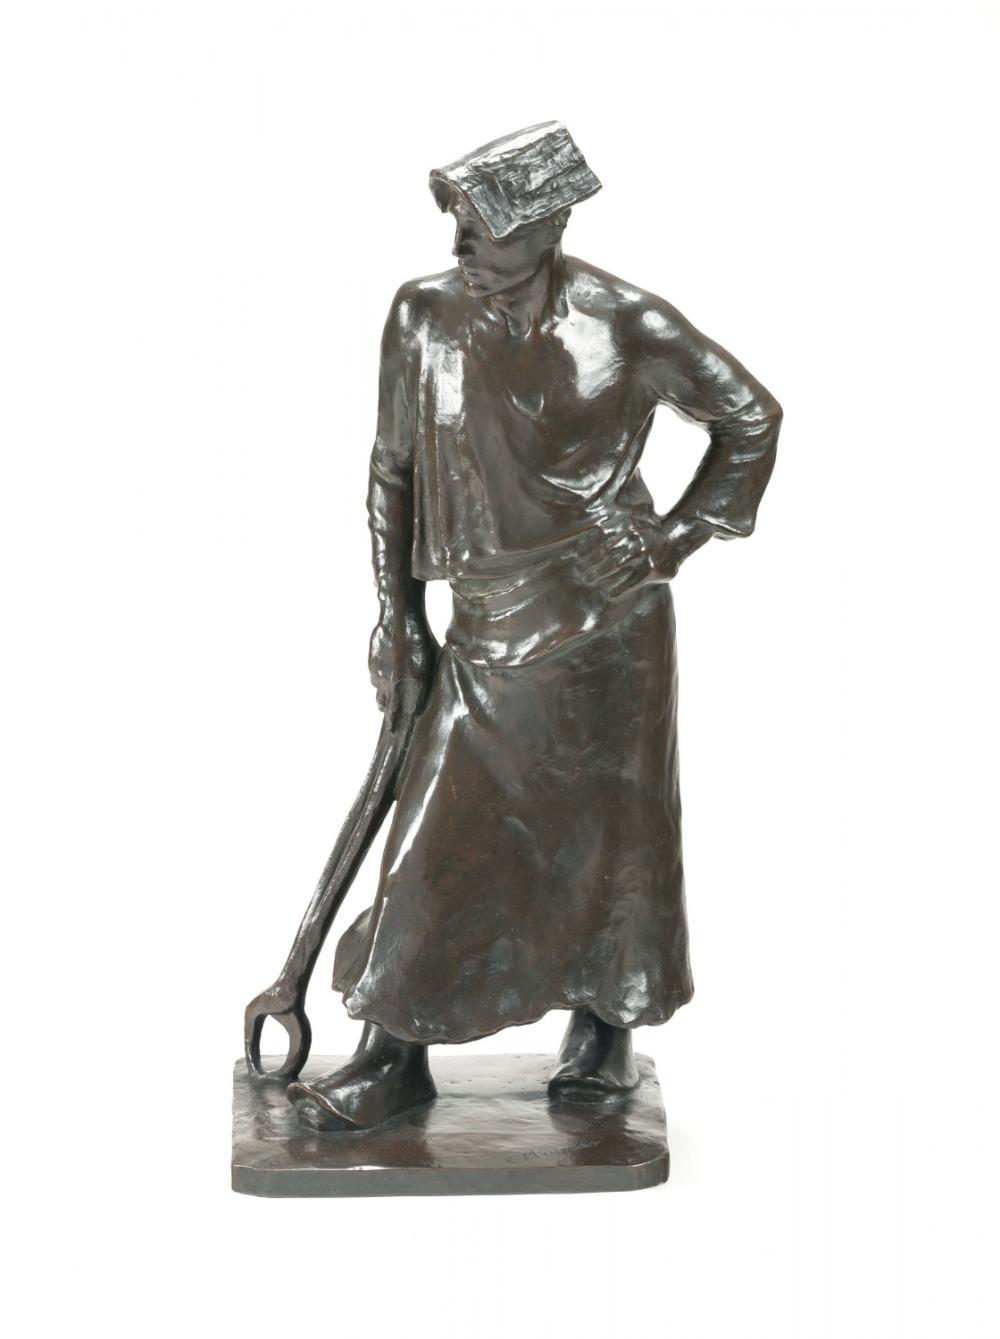 Meunier Constantin - The blacksmith (1886)